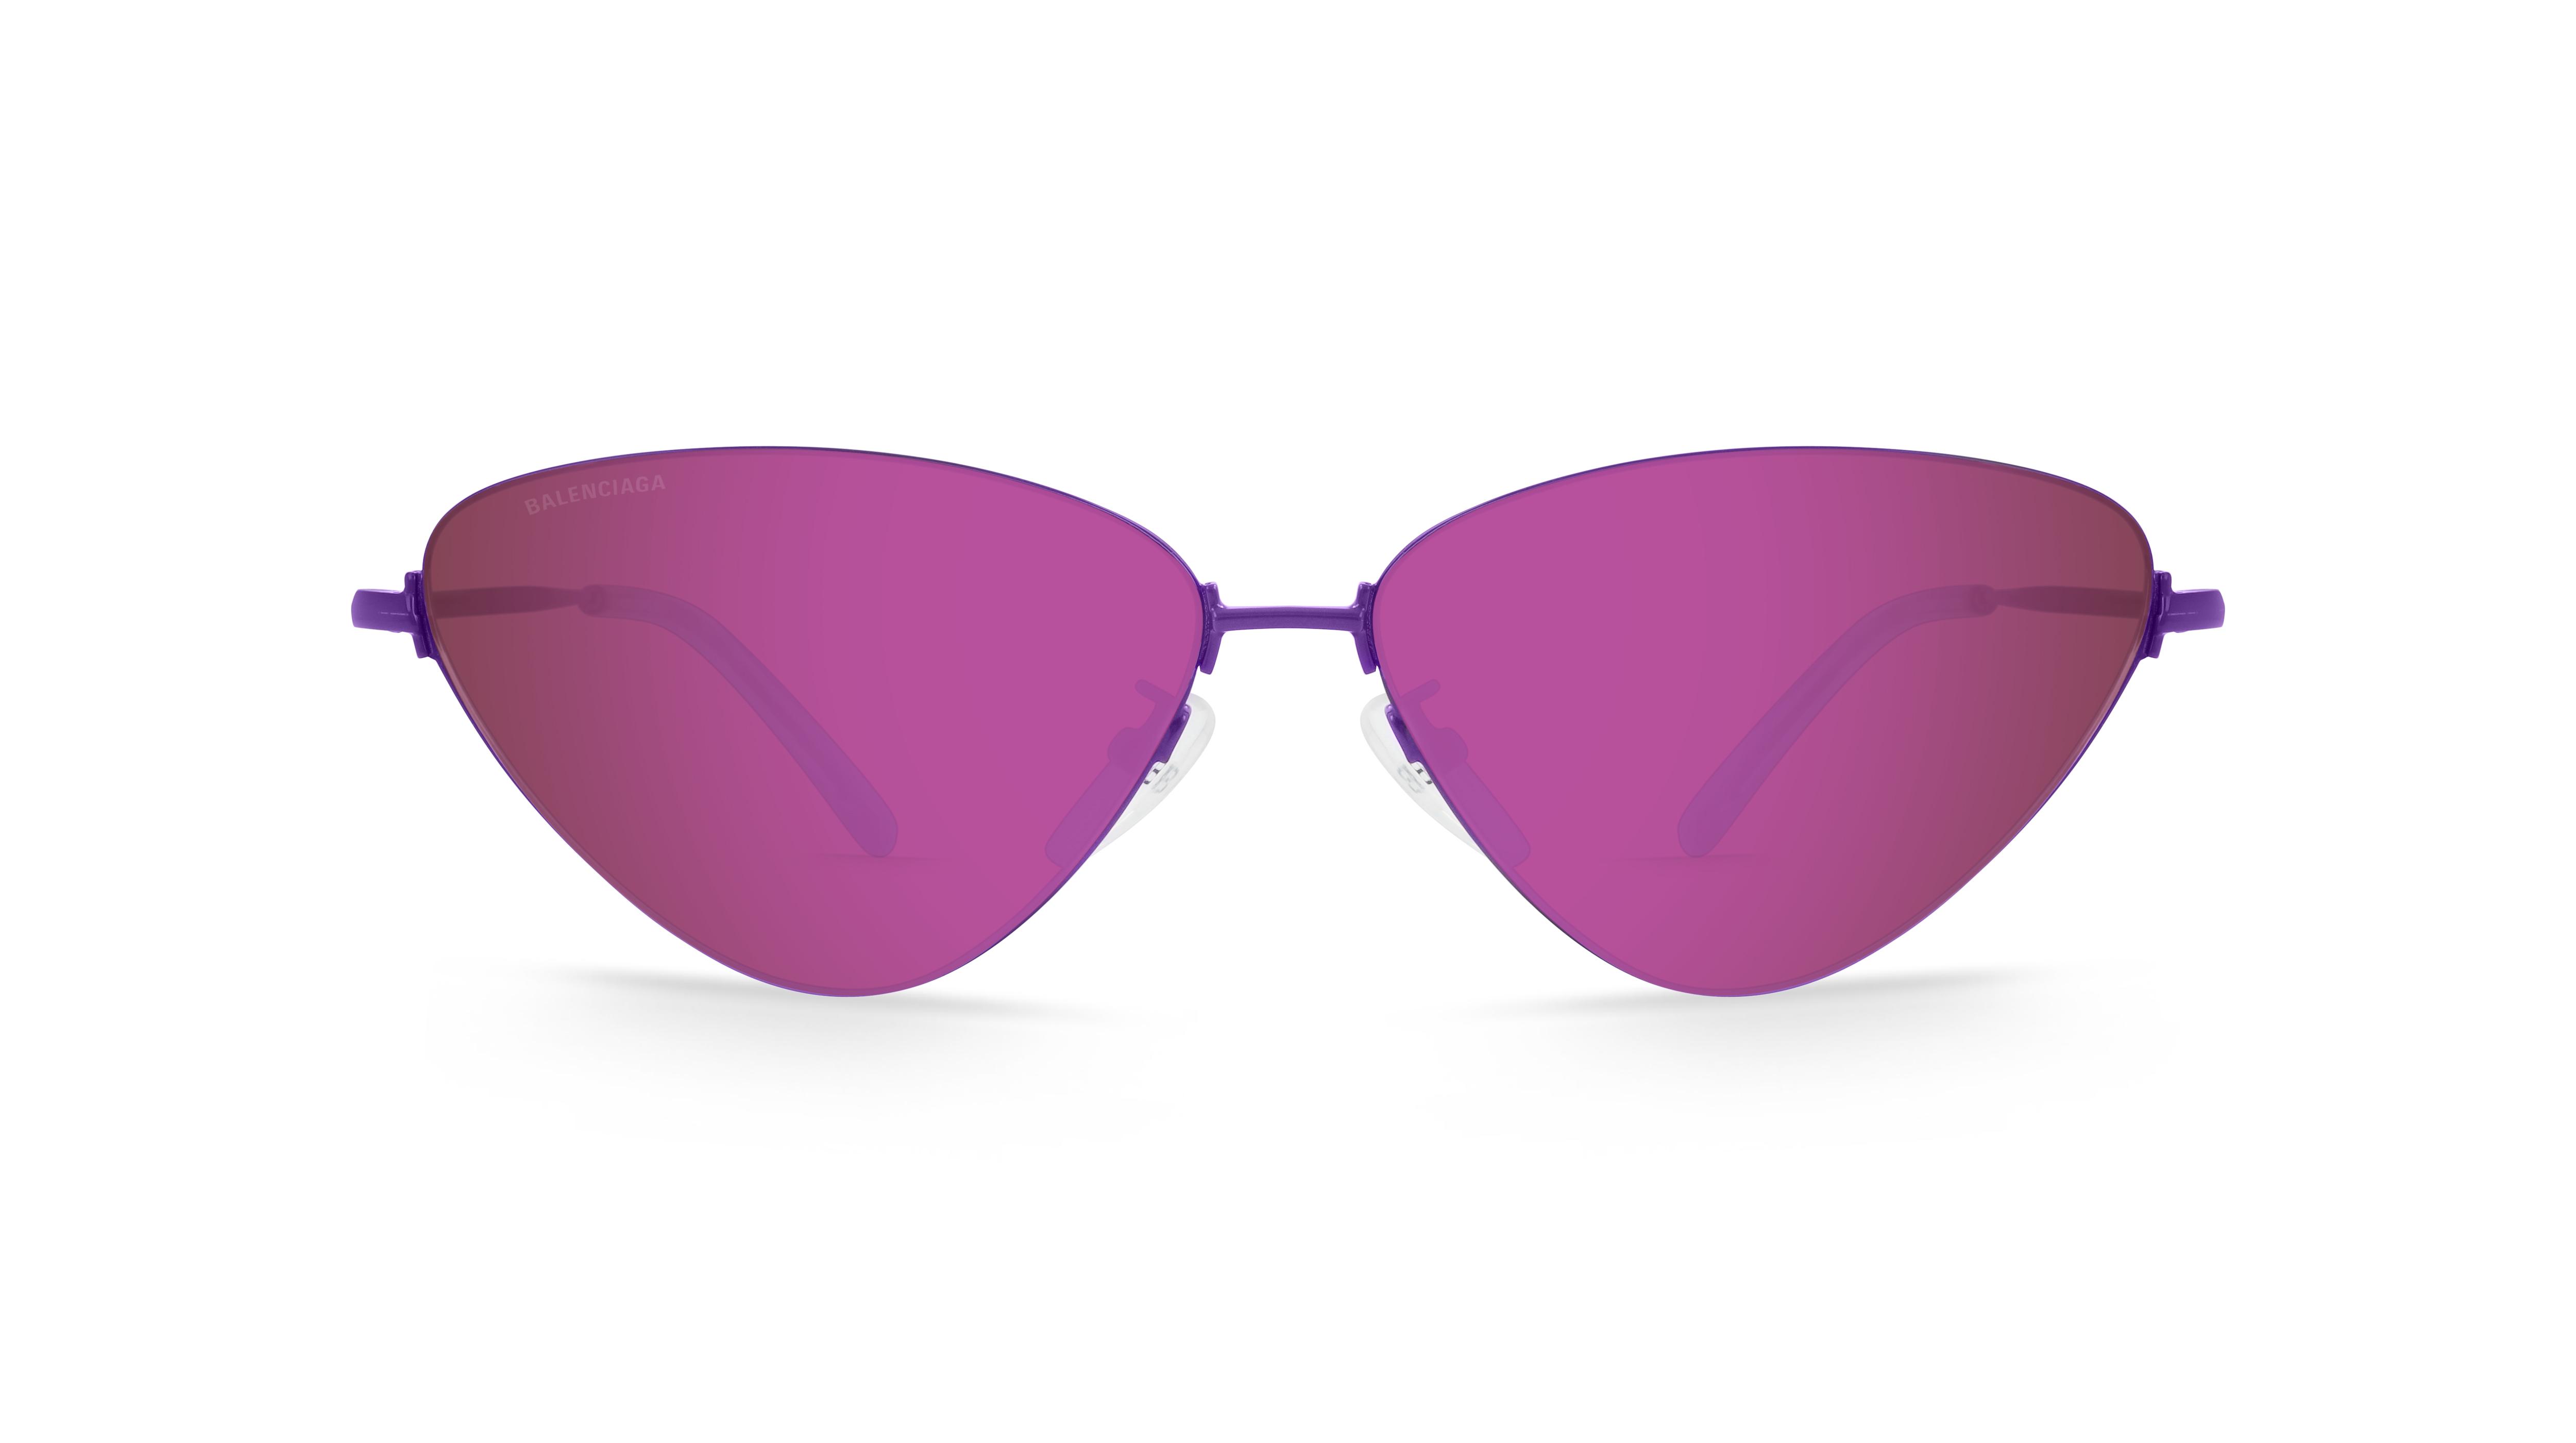 b820ad65014 Kering Eyewear - Home